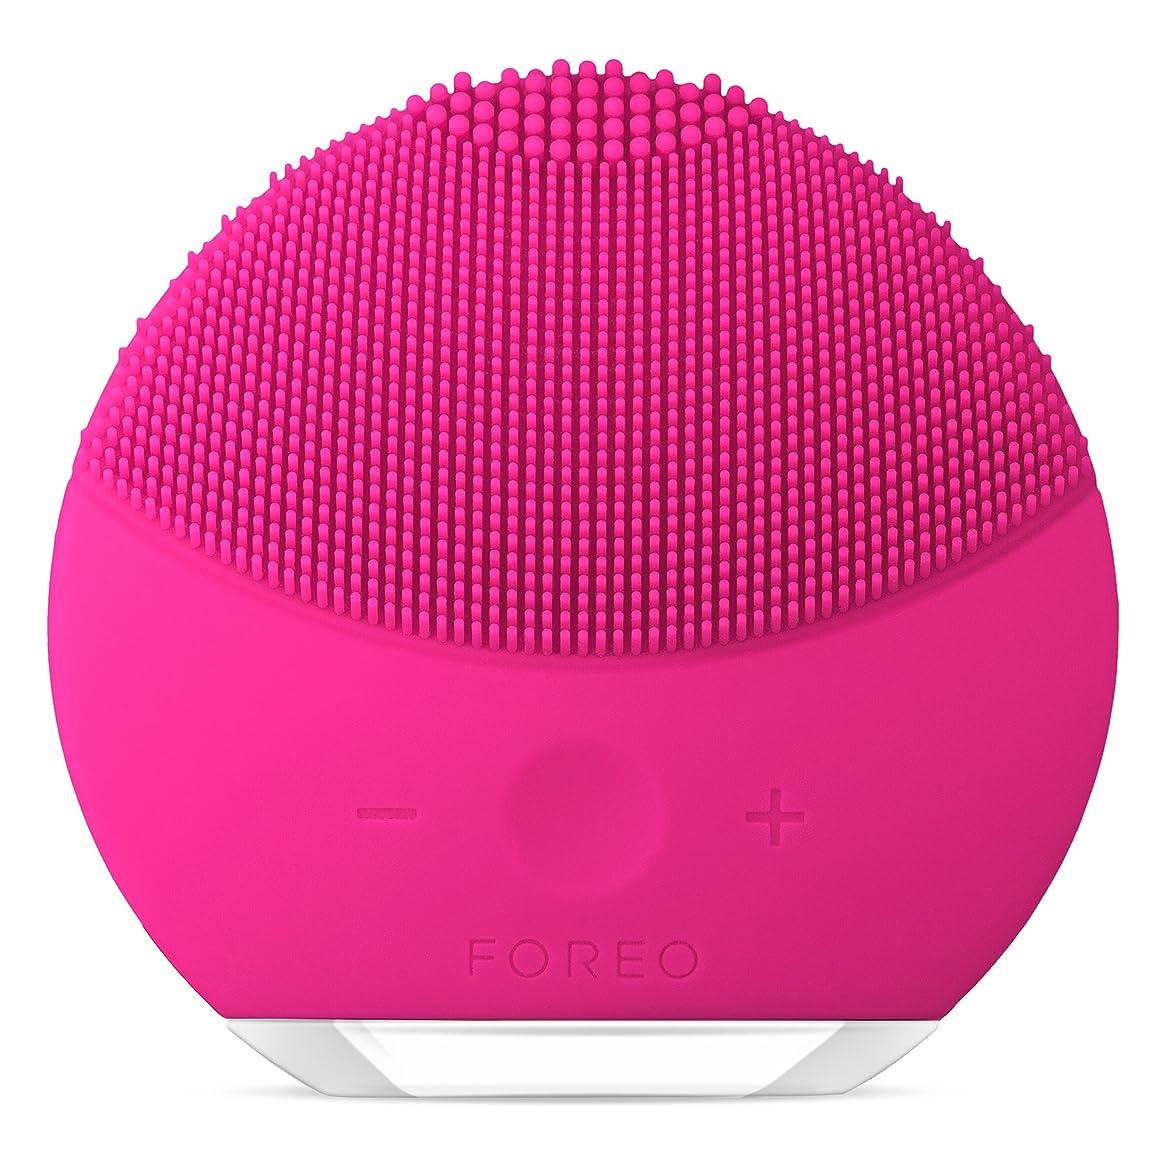 活性化するアノイサンドイッチFOREO LUNA mini 2 フクシア 電動洗顔ブラシ シリコーン製 音波振動